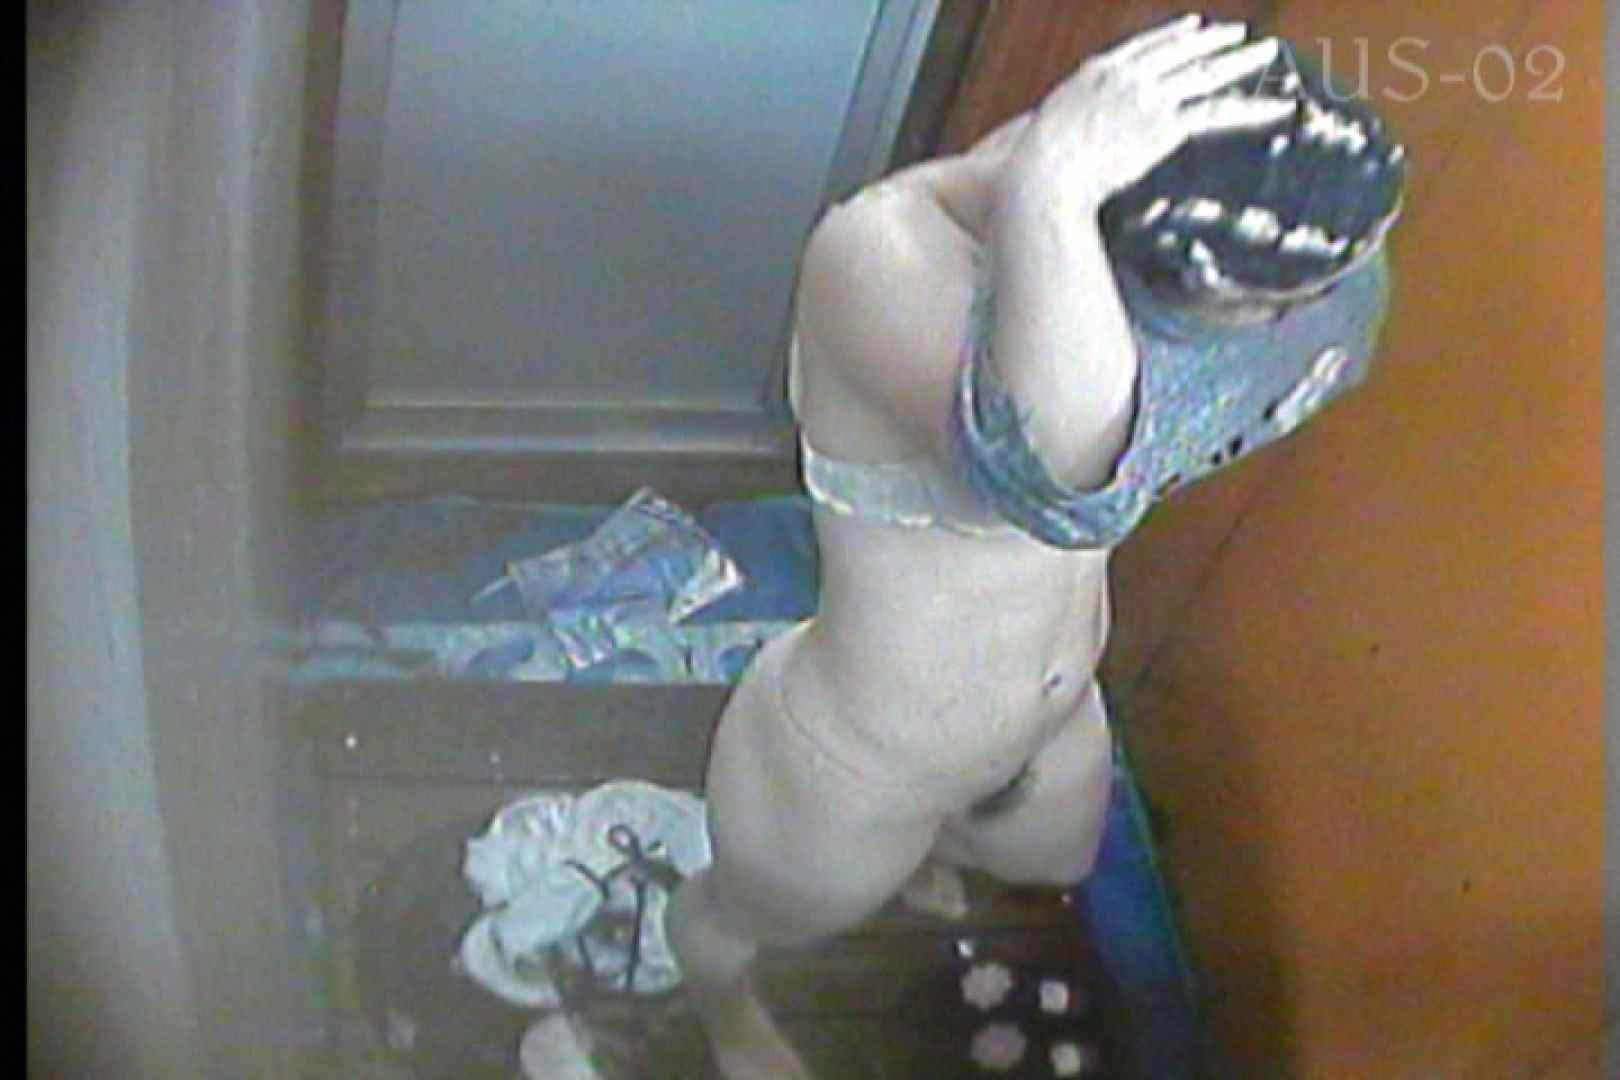 海の家の更衣室 Vol.09 美女 すけべAV動画紹介 101画像 60